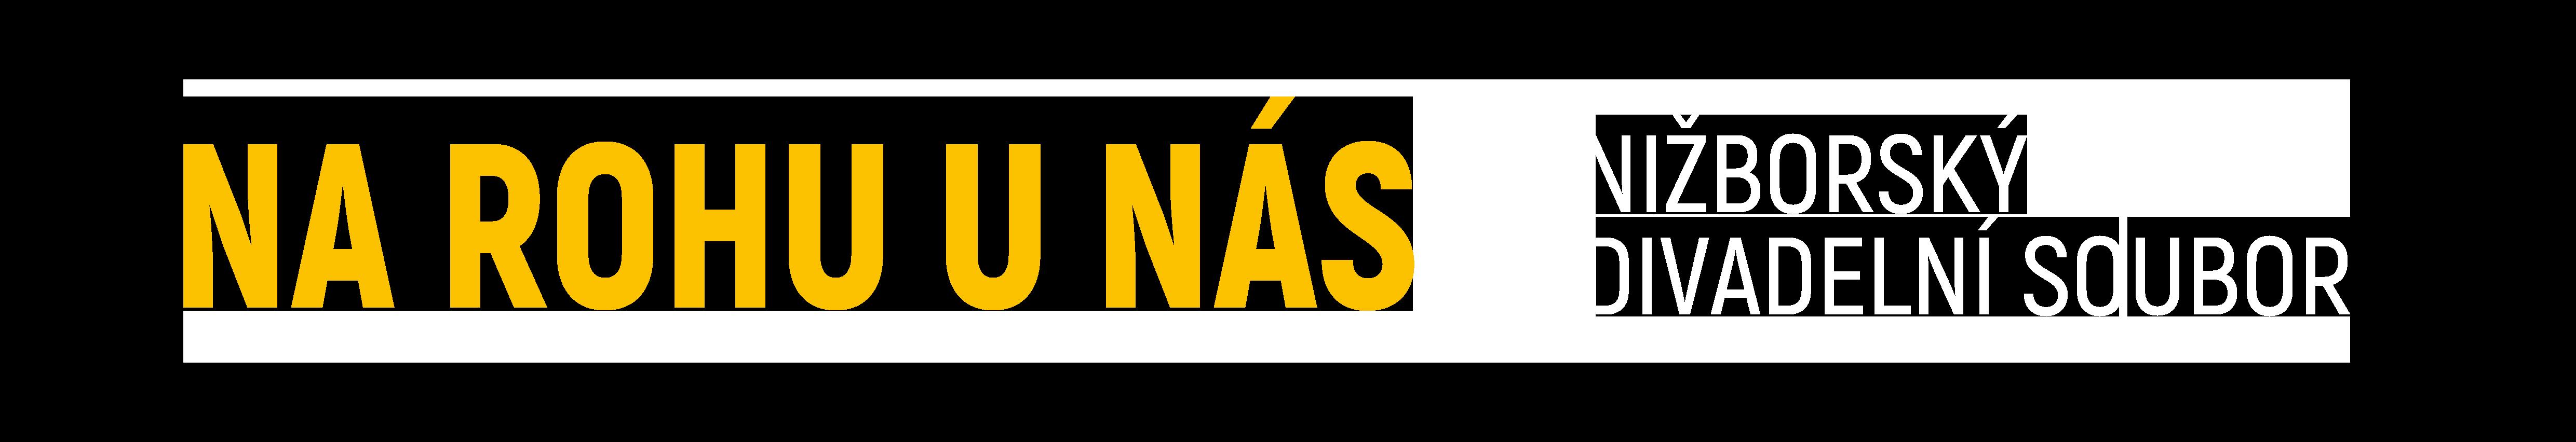 světlé logo